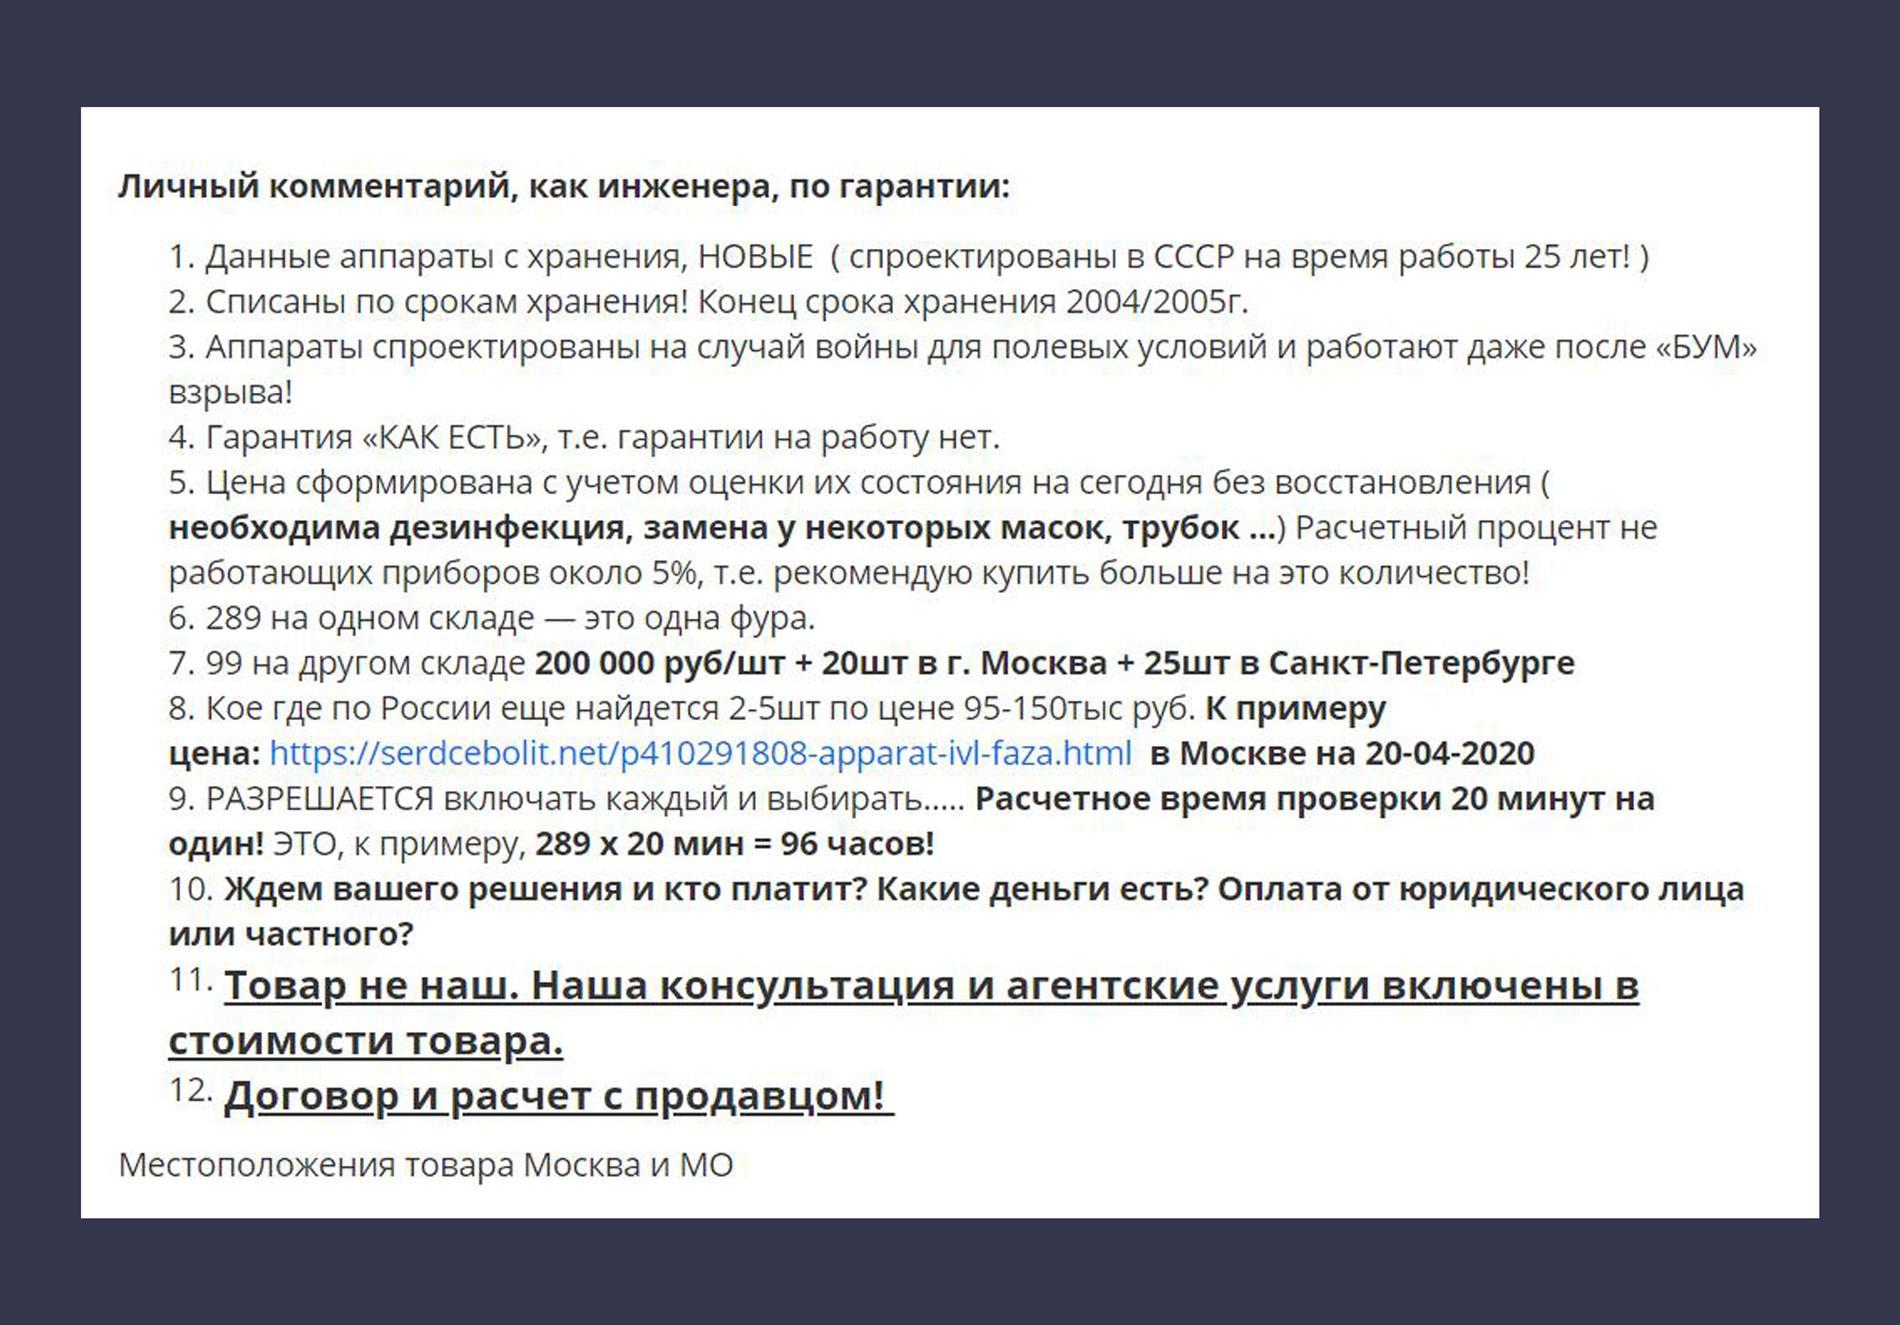 © moskva.tiu.ru